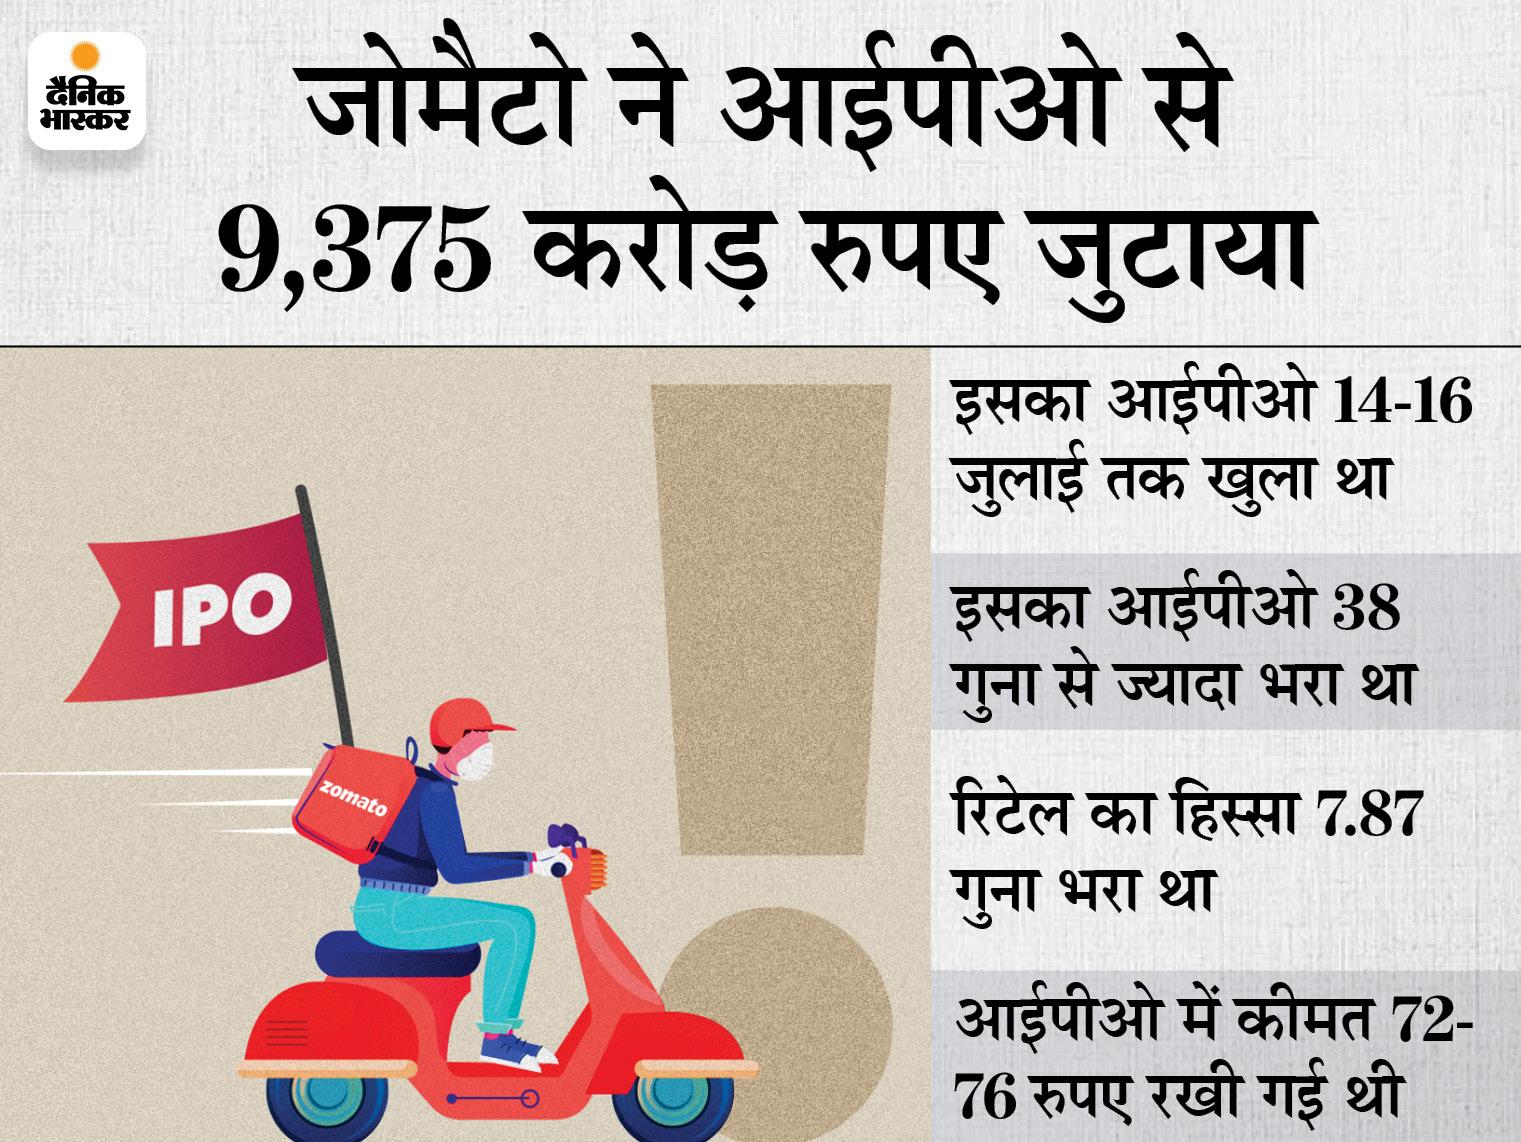 जोमैटो का शेयर 115 पर लिस्ट होकर 138 रुपए पर पहुंचा, एक लाख करोड़ रुपए से ज्यादा हुई मार्केट वैल्यू|बिजनेस,Business - Dainik Bhaskar